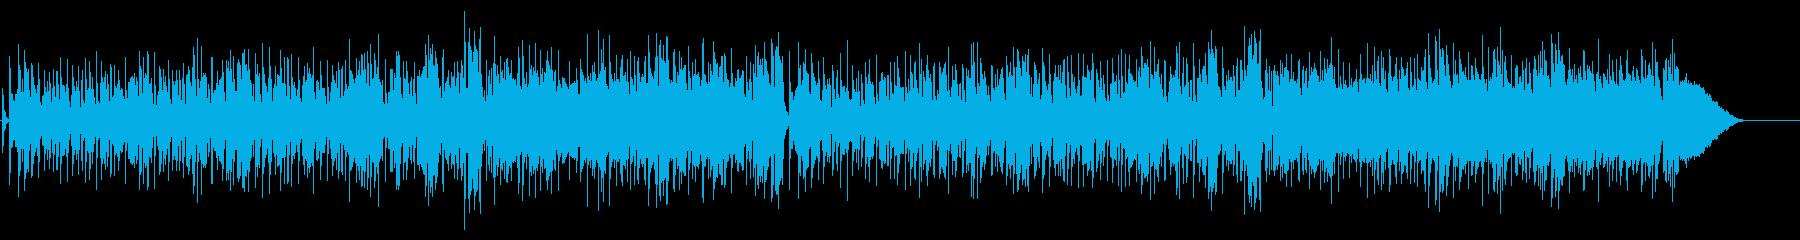 軽快で明るいテーマ・ソング風ポップスの再生済みの波形